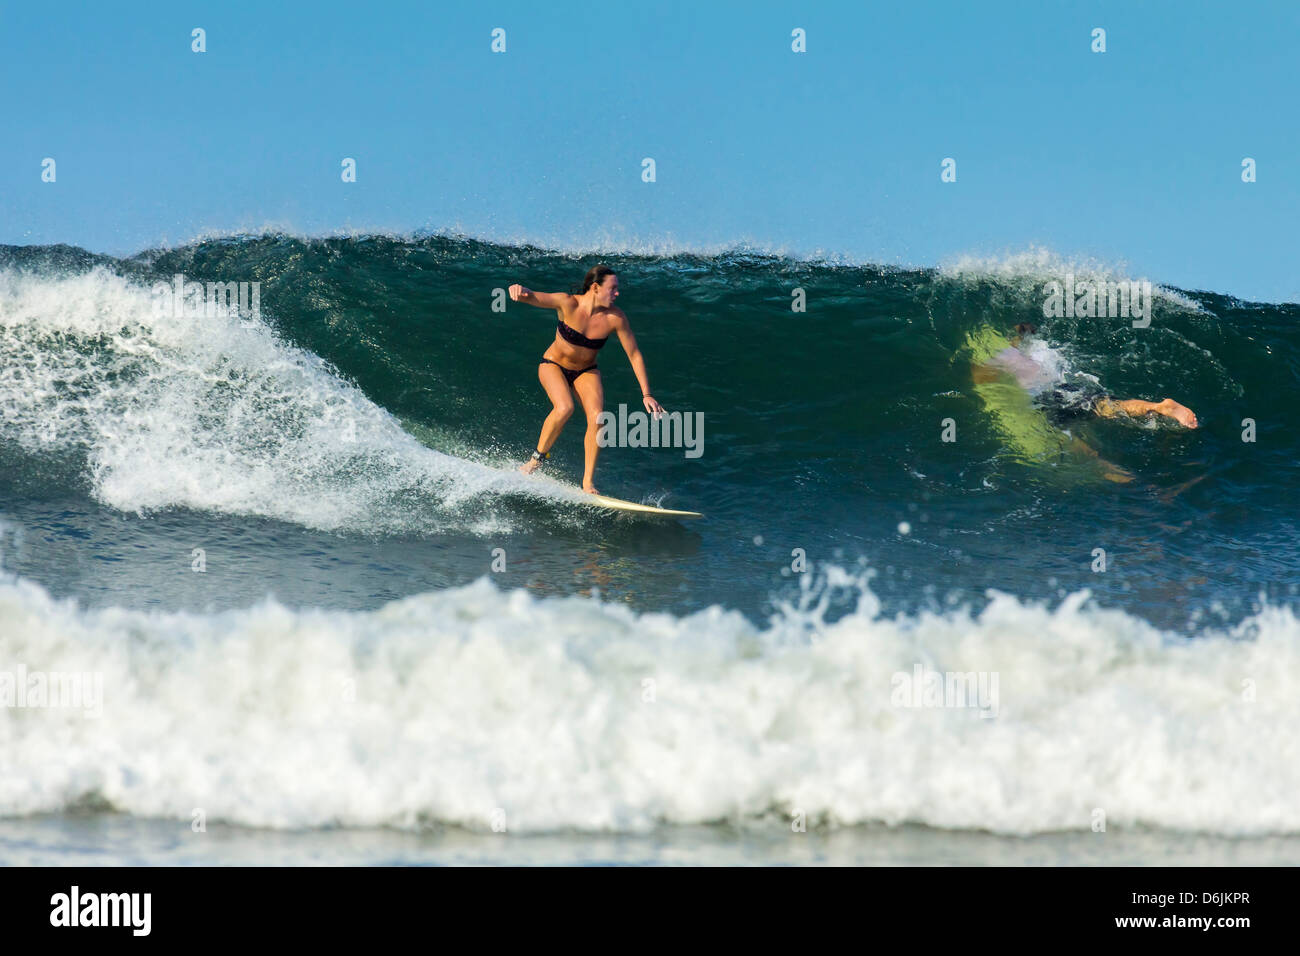 Mädchen Surfer Reiten Welle am beliebten Playa Guiones Surf Beach, Nosara, Nicoya Halbinsel, Provinz Guanacaste, Stockbild